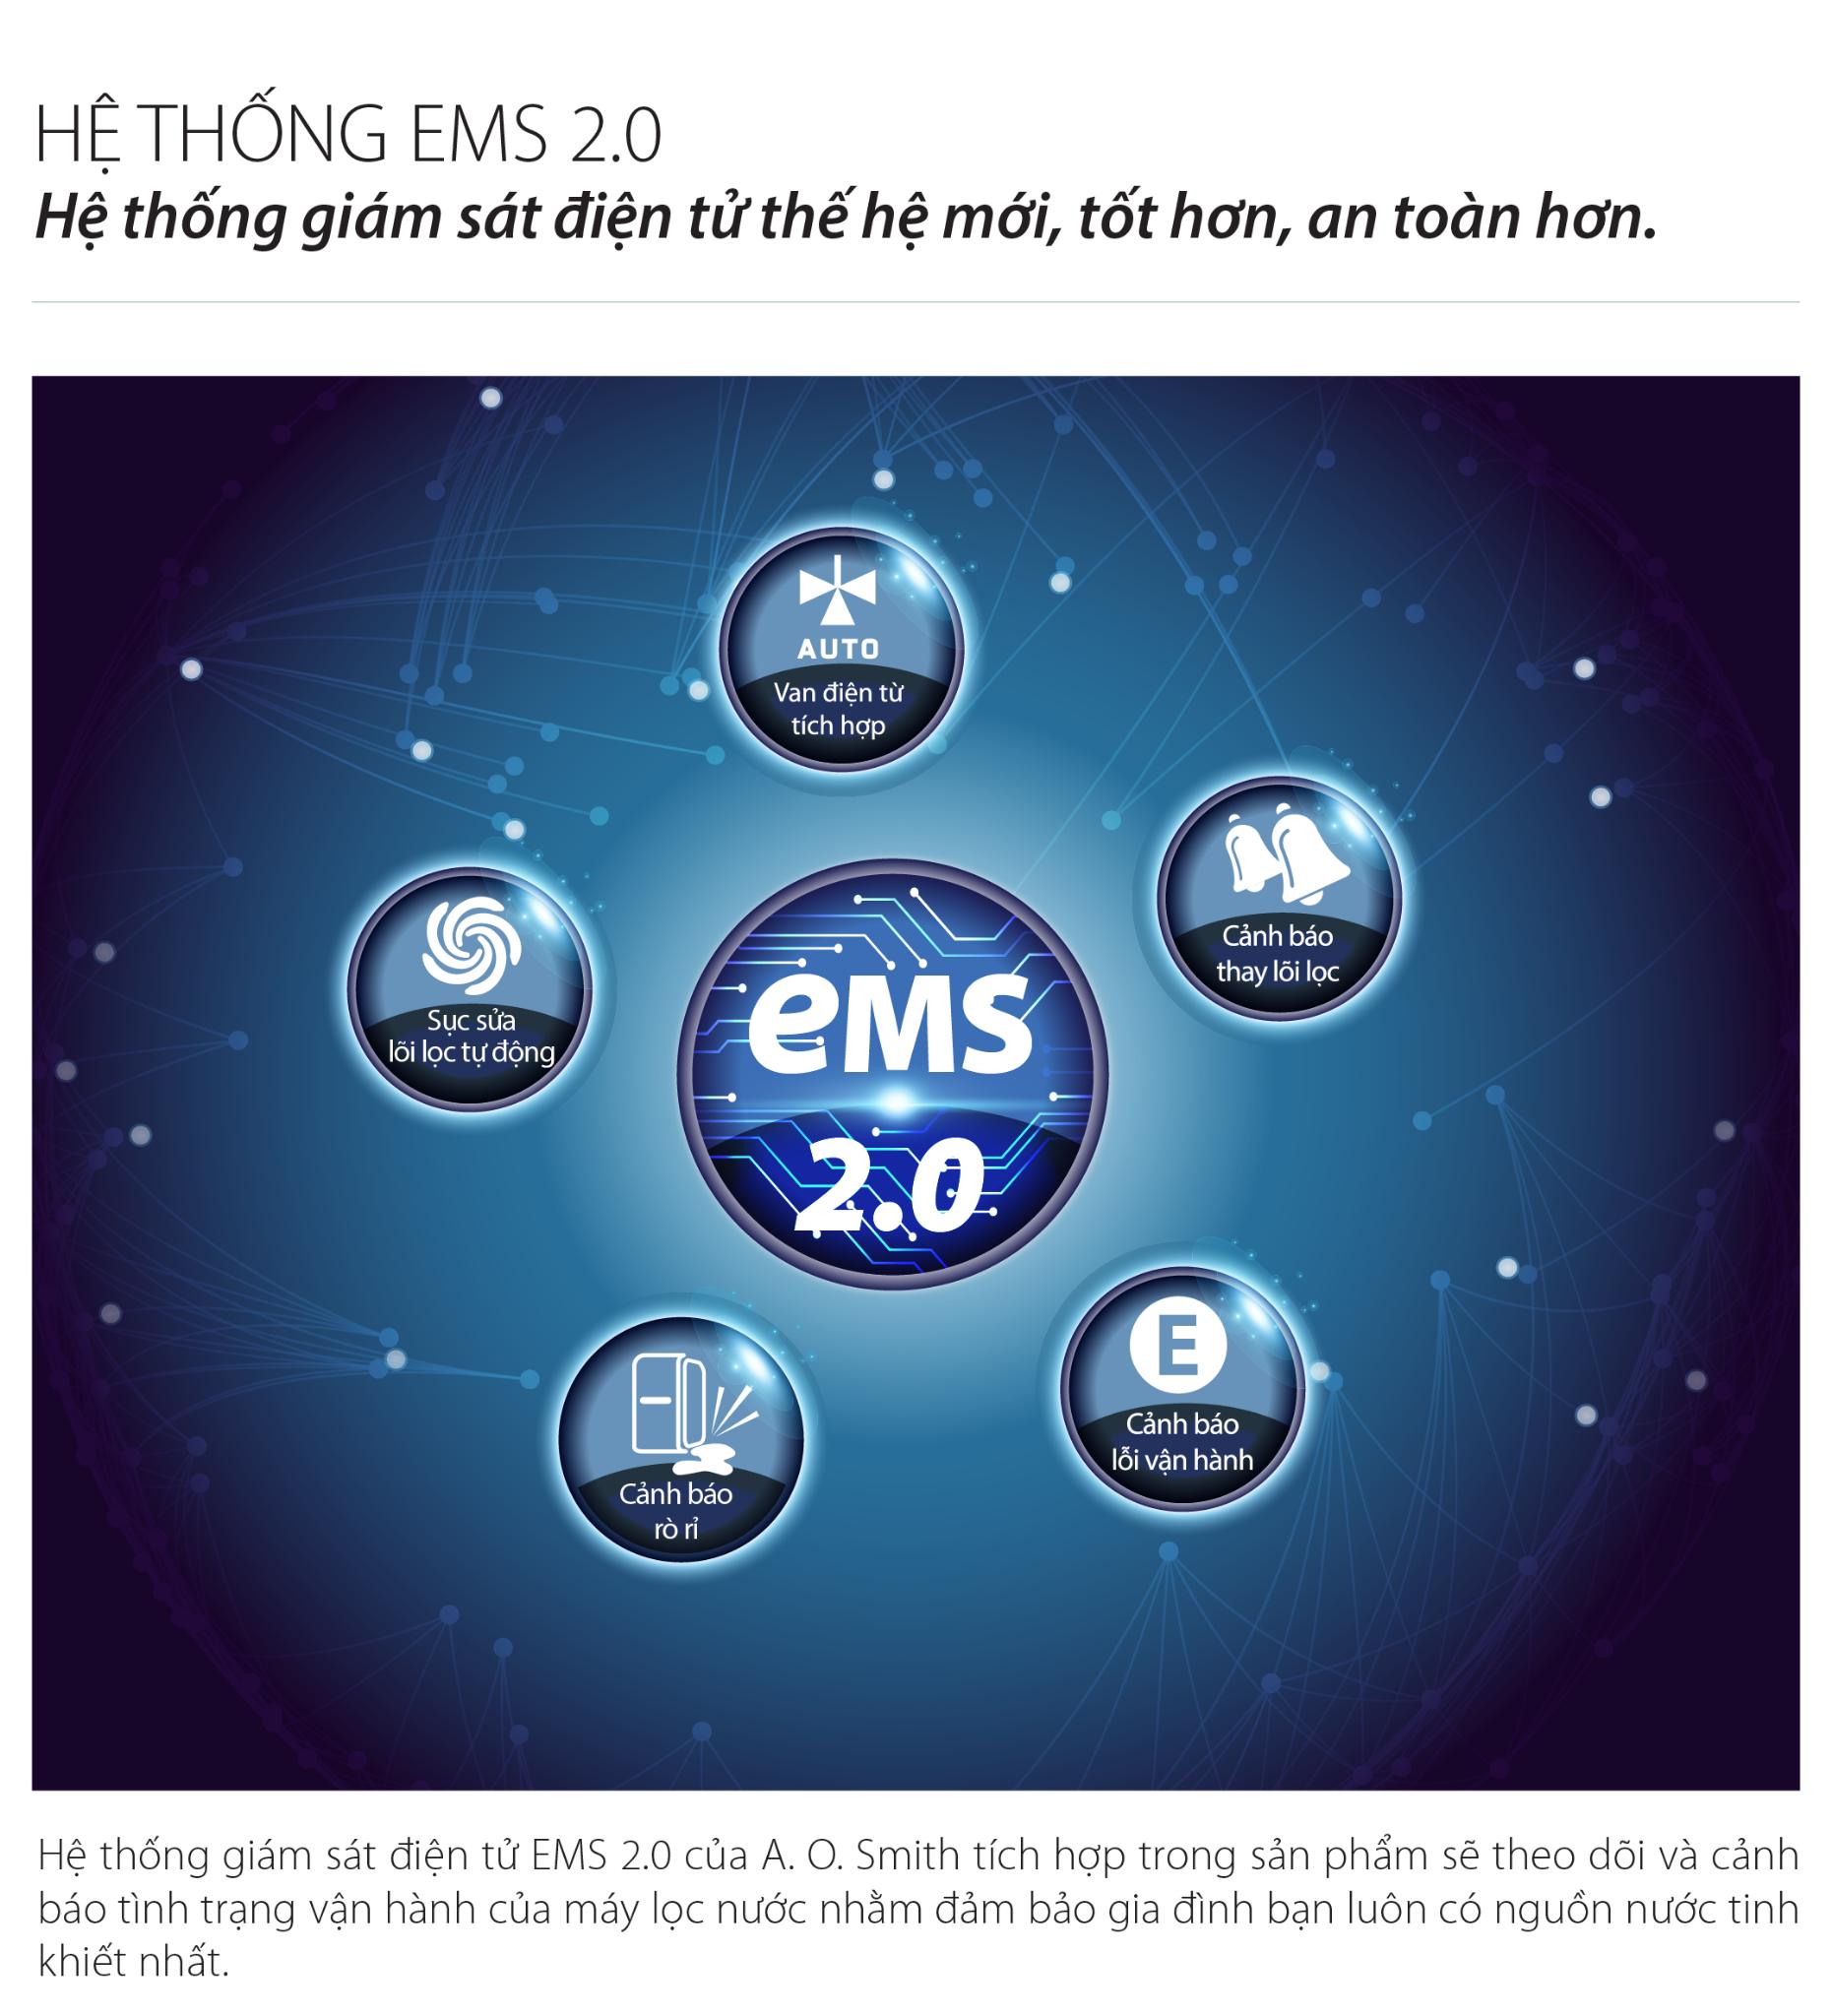 Máy lọc nước Aosmith G1 tích hợp hệ thống giám sát điện tử 2.0 thế hệ mới